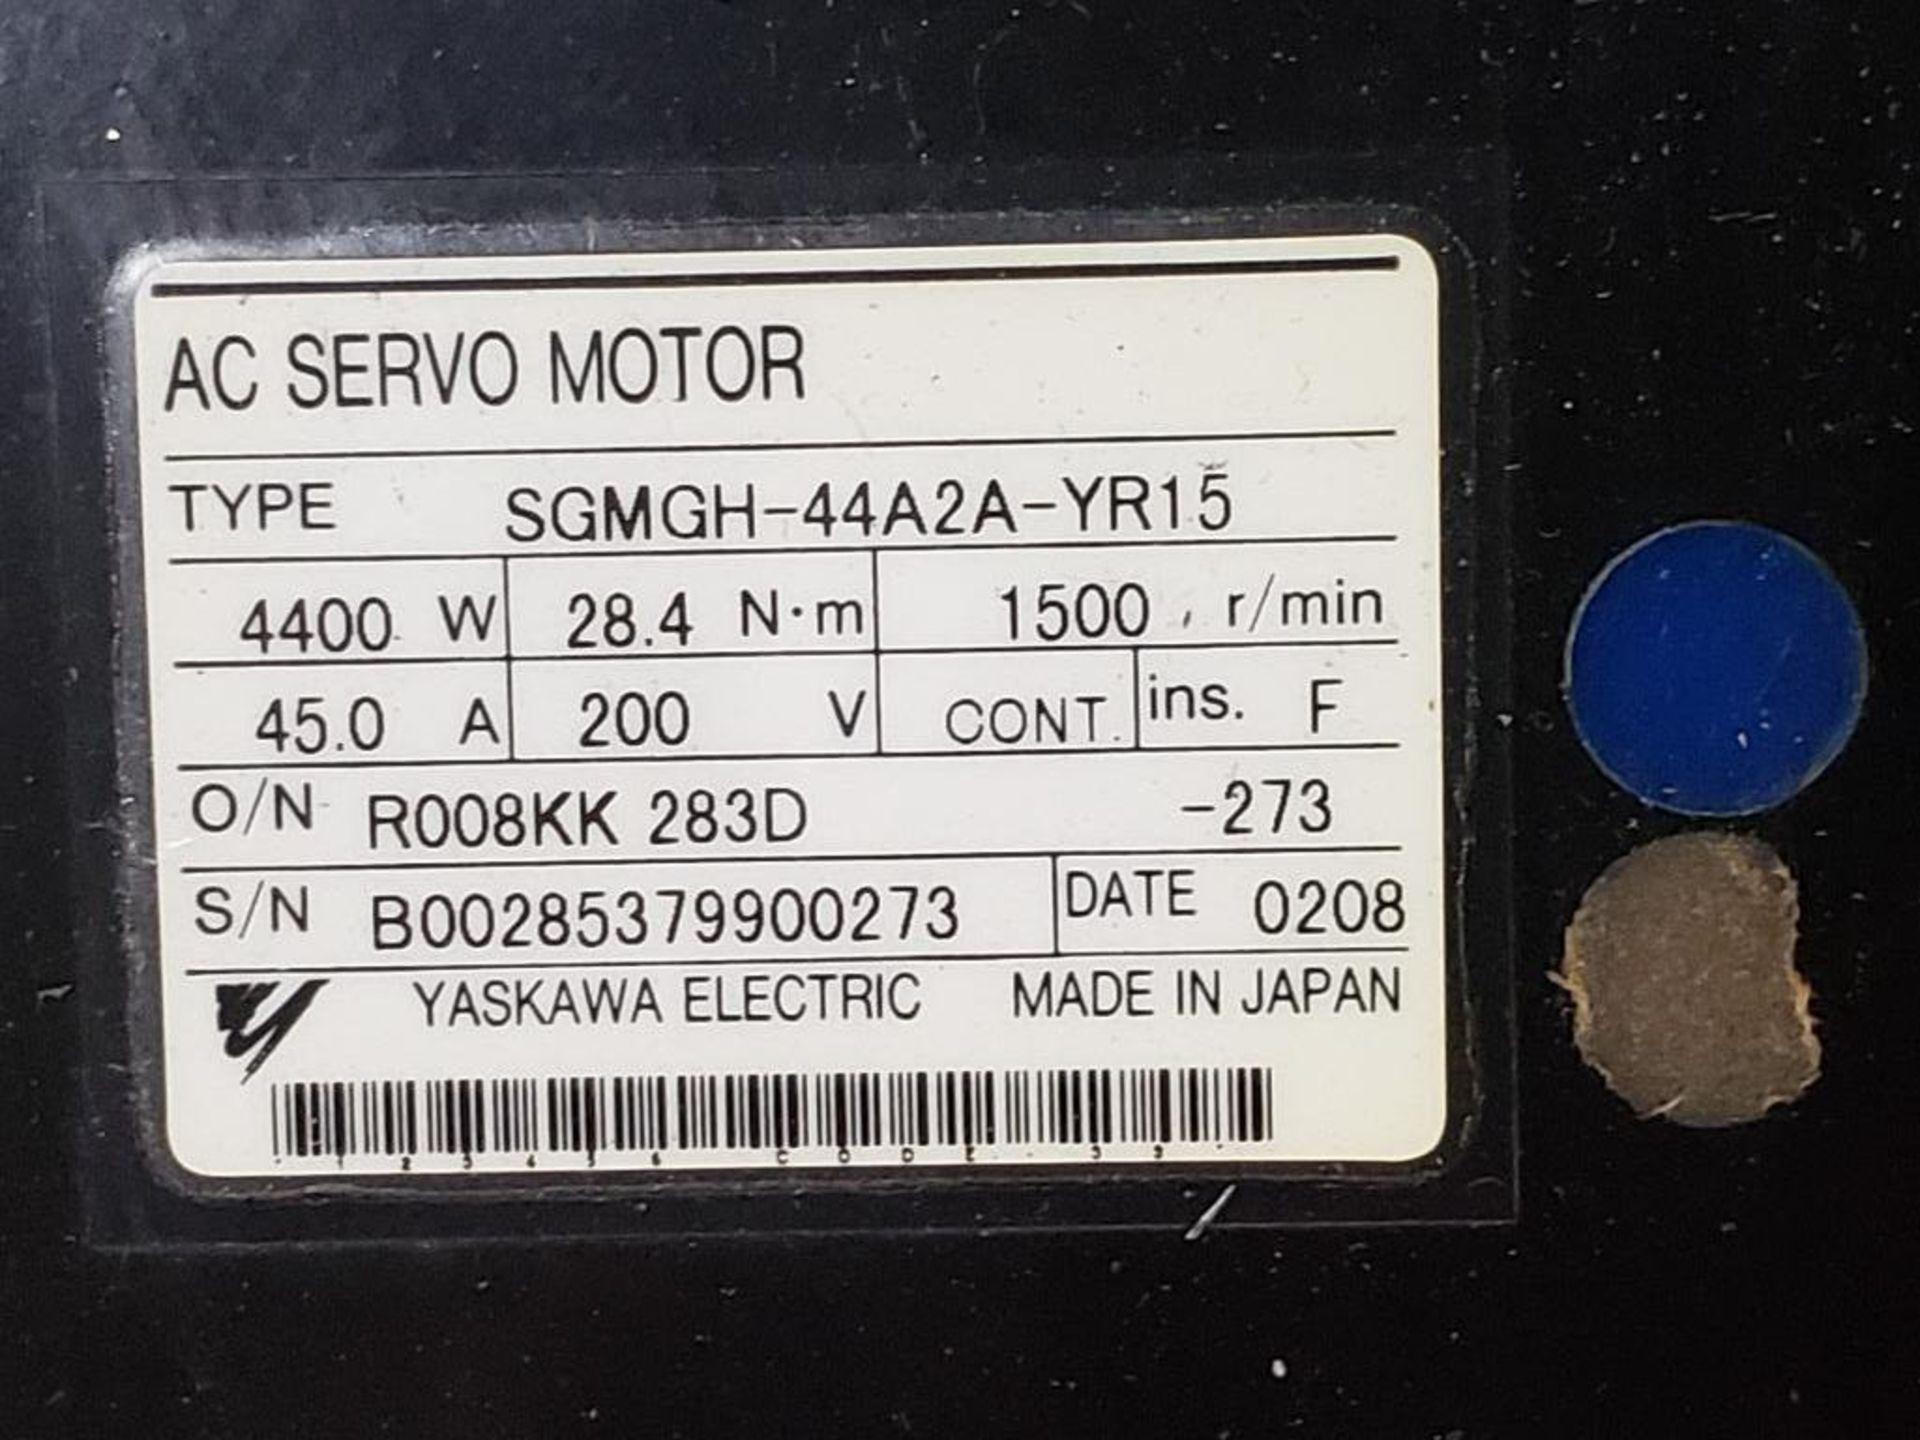 4400W Yaskawa AC Servo Motor SGMGH-44A2A-YR15. 200V, 1500RPM. - Image 4 of 4